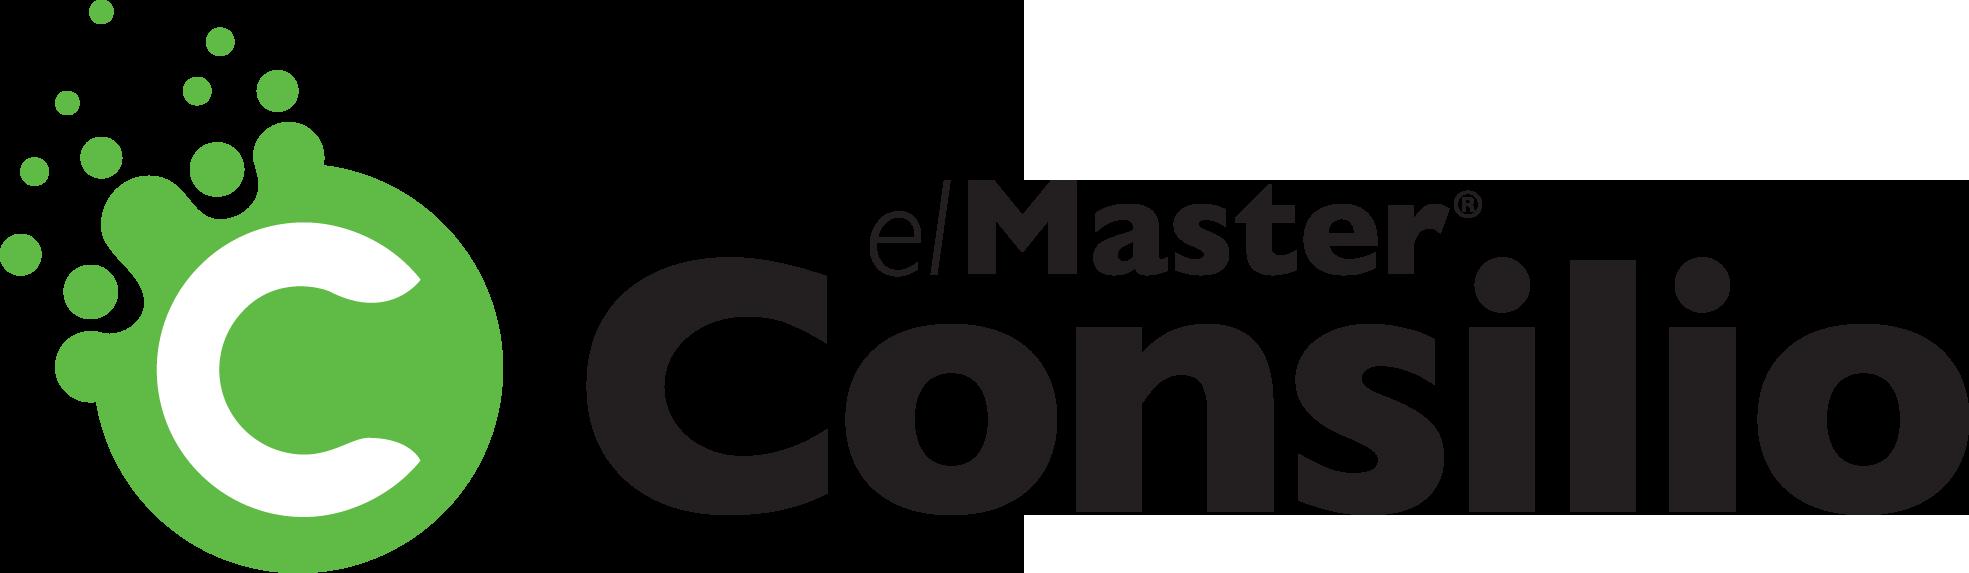 elMaster Consilio